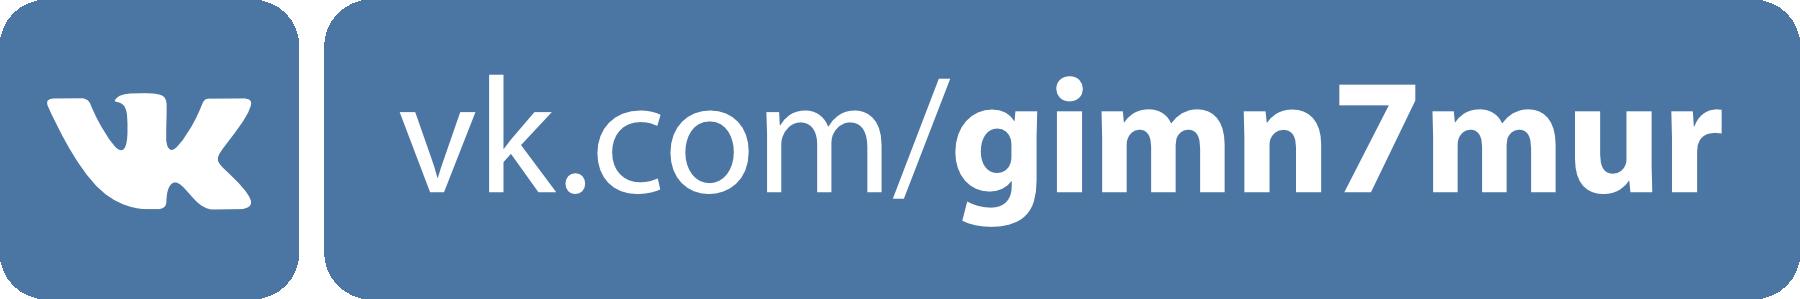 https://vk.com/gimn7mur